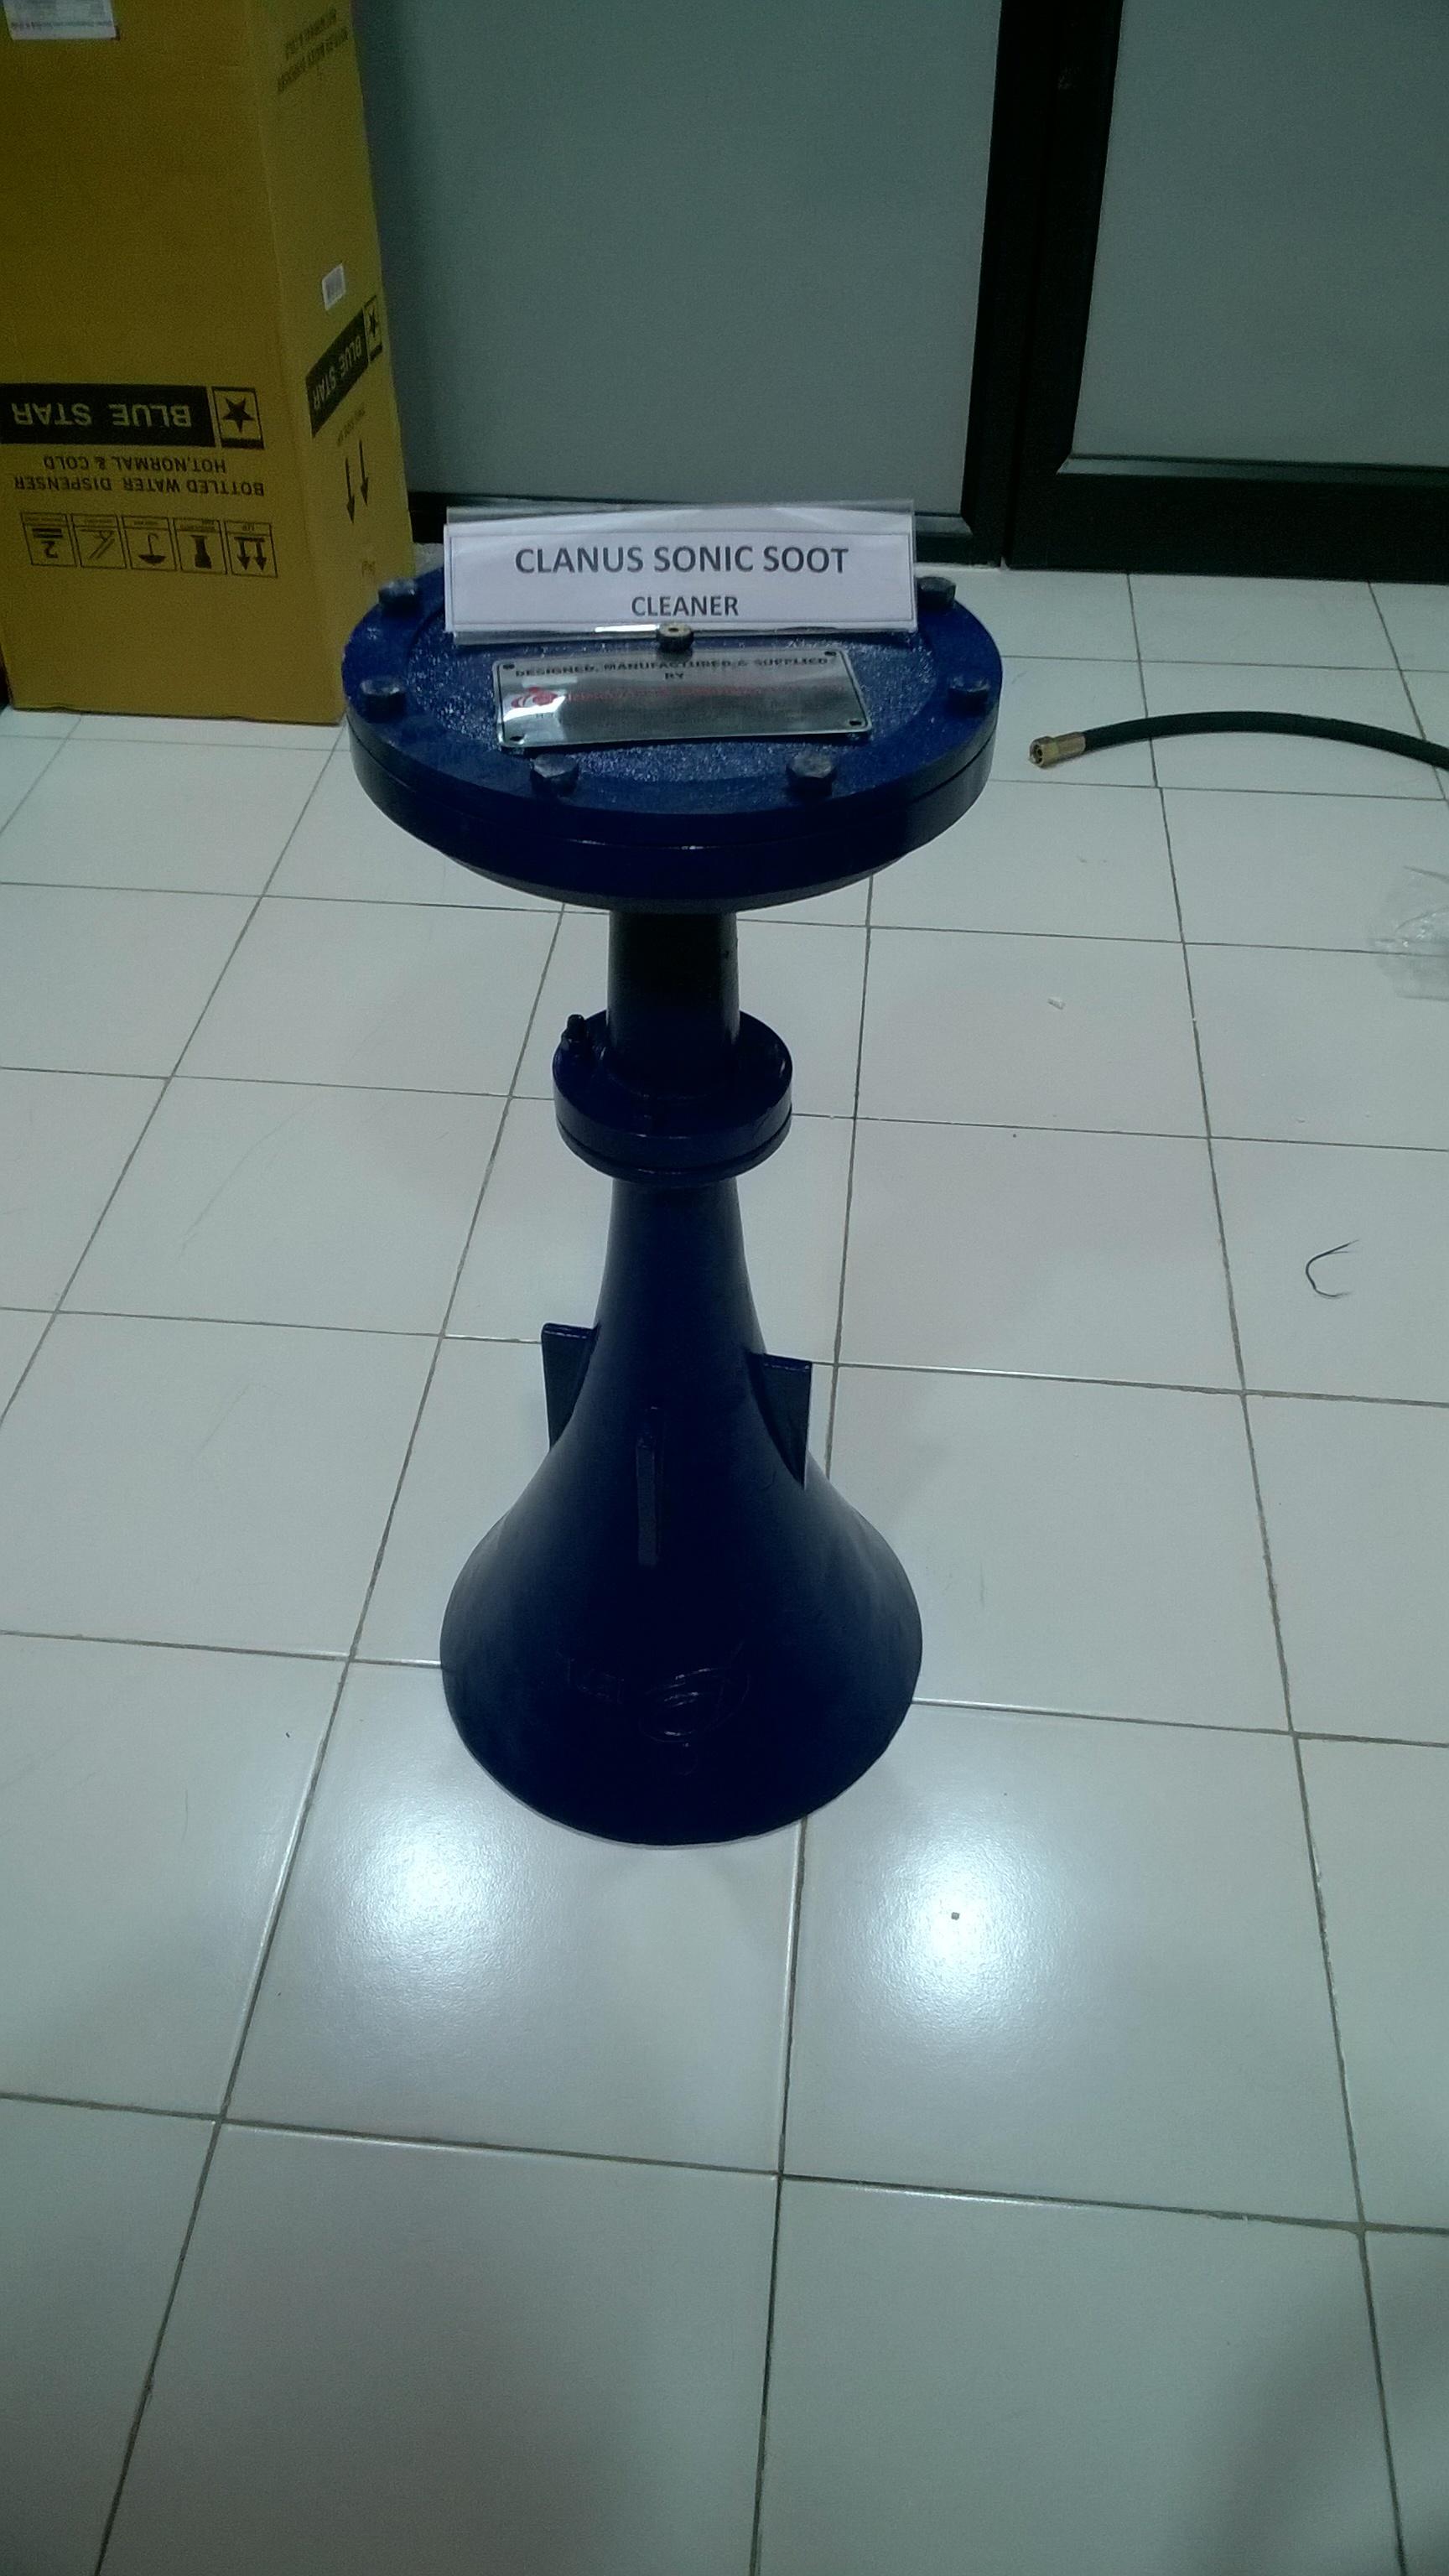 Acoustic Horn For Spray Dryer